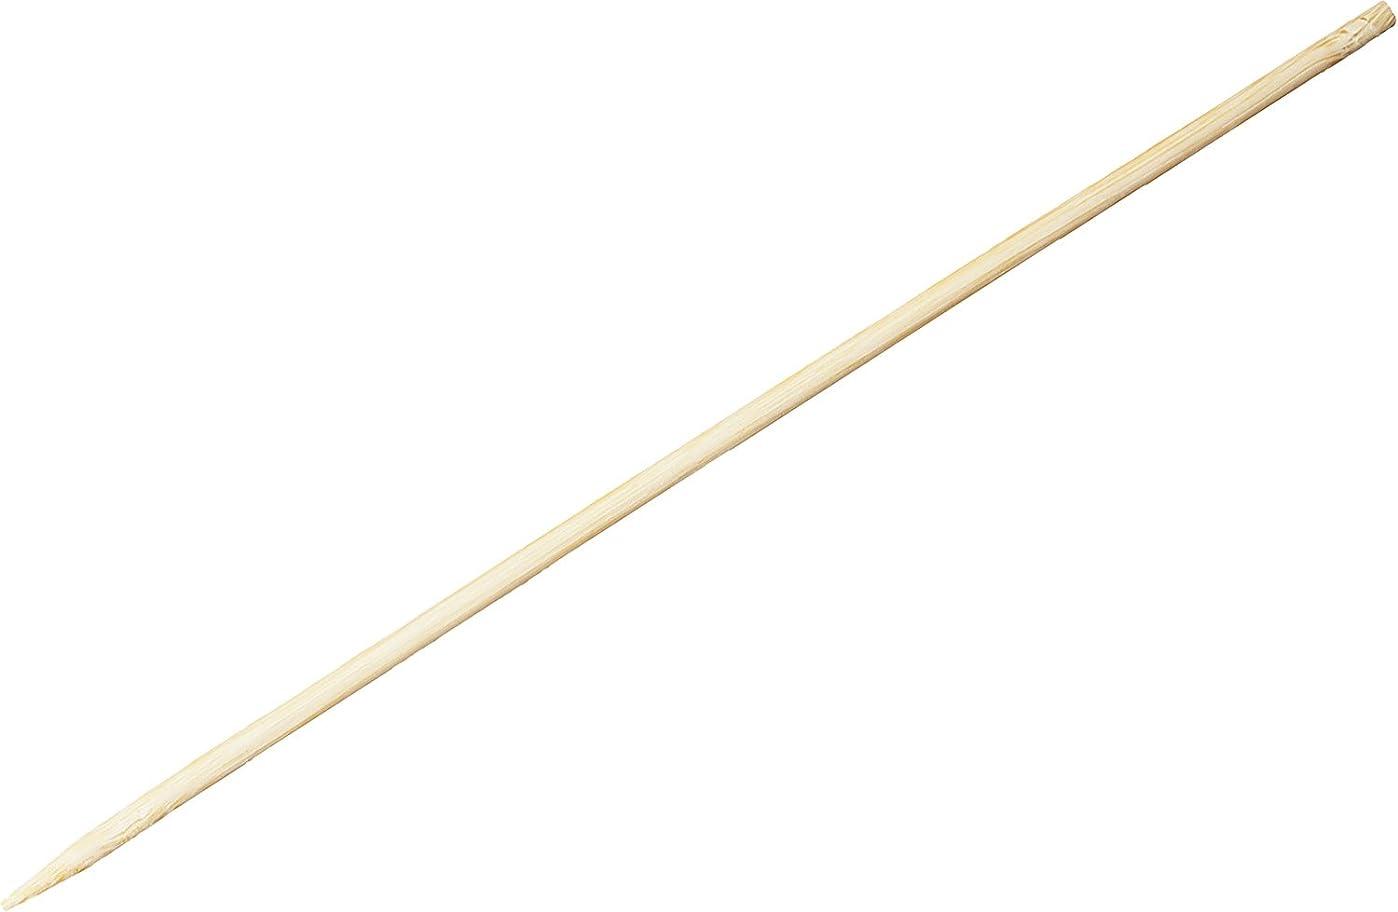 興奮するあいまいループ竹のたより 竹 ドッグ棒 36cm 250本紐束 16190